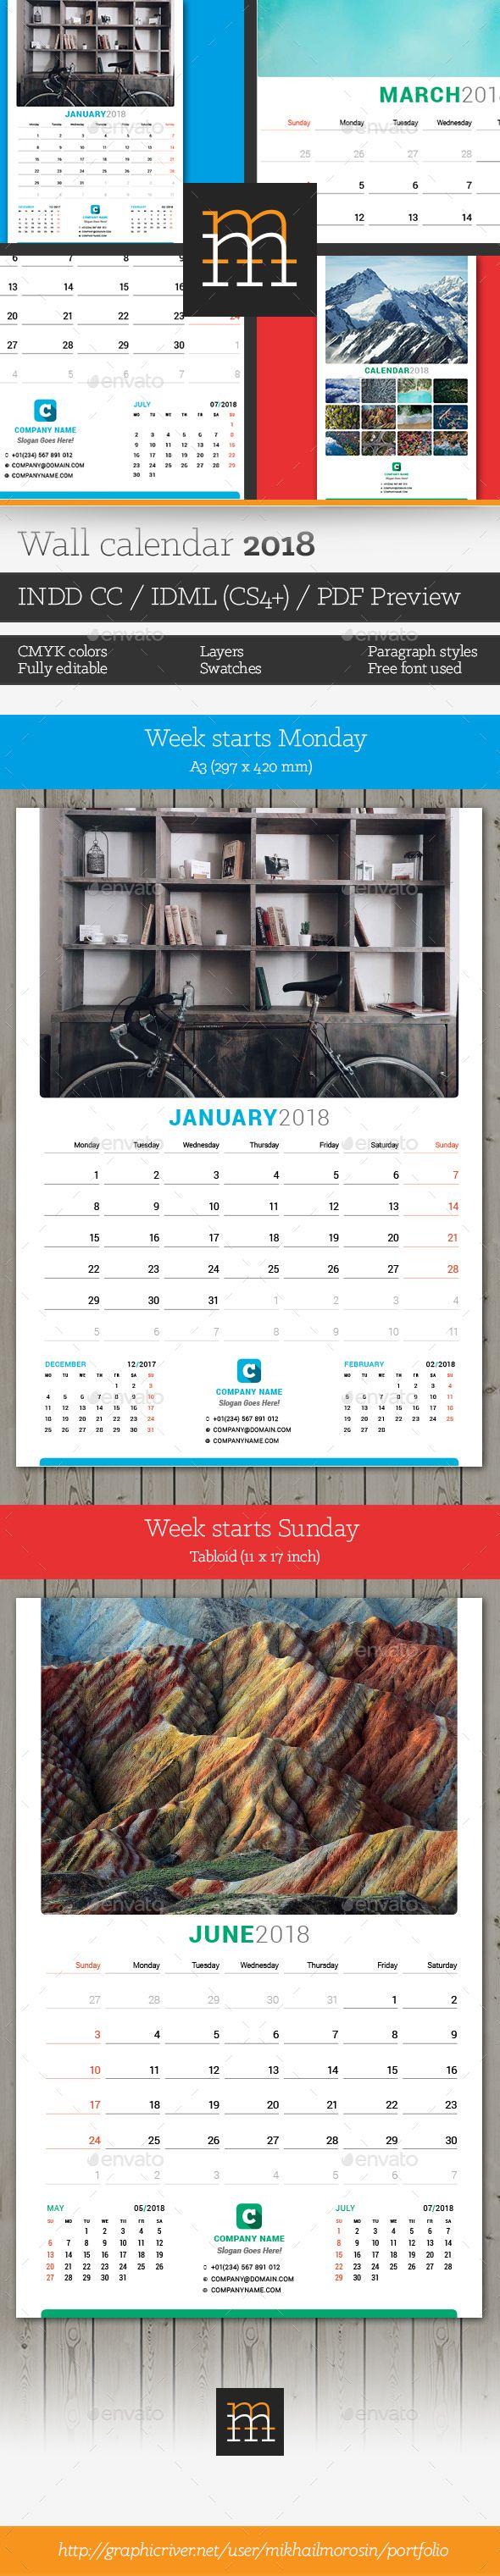 Wall Calendar 2018 | Calendar 2018, Template and Walls